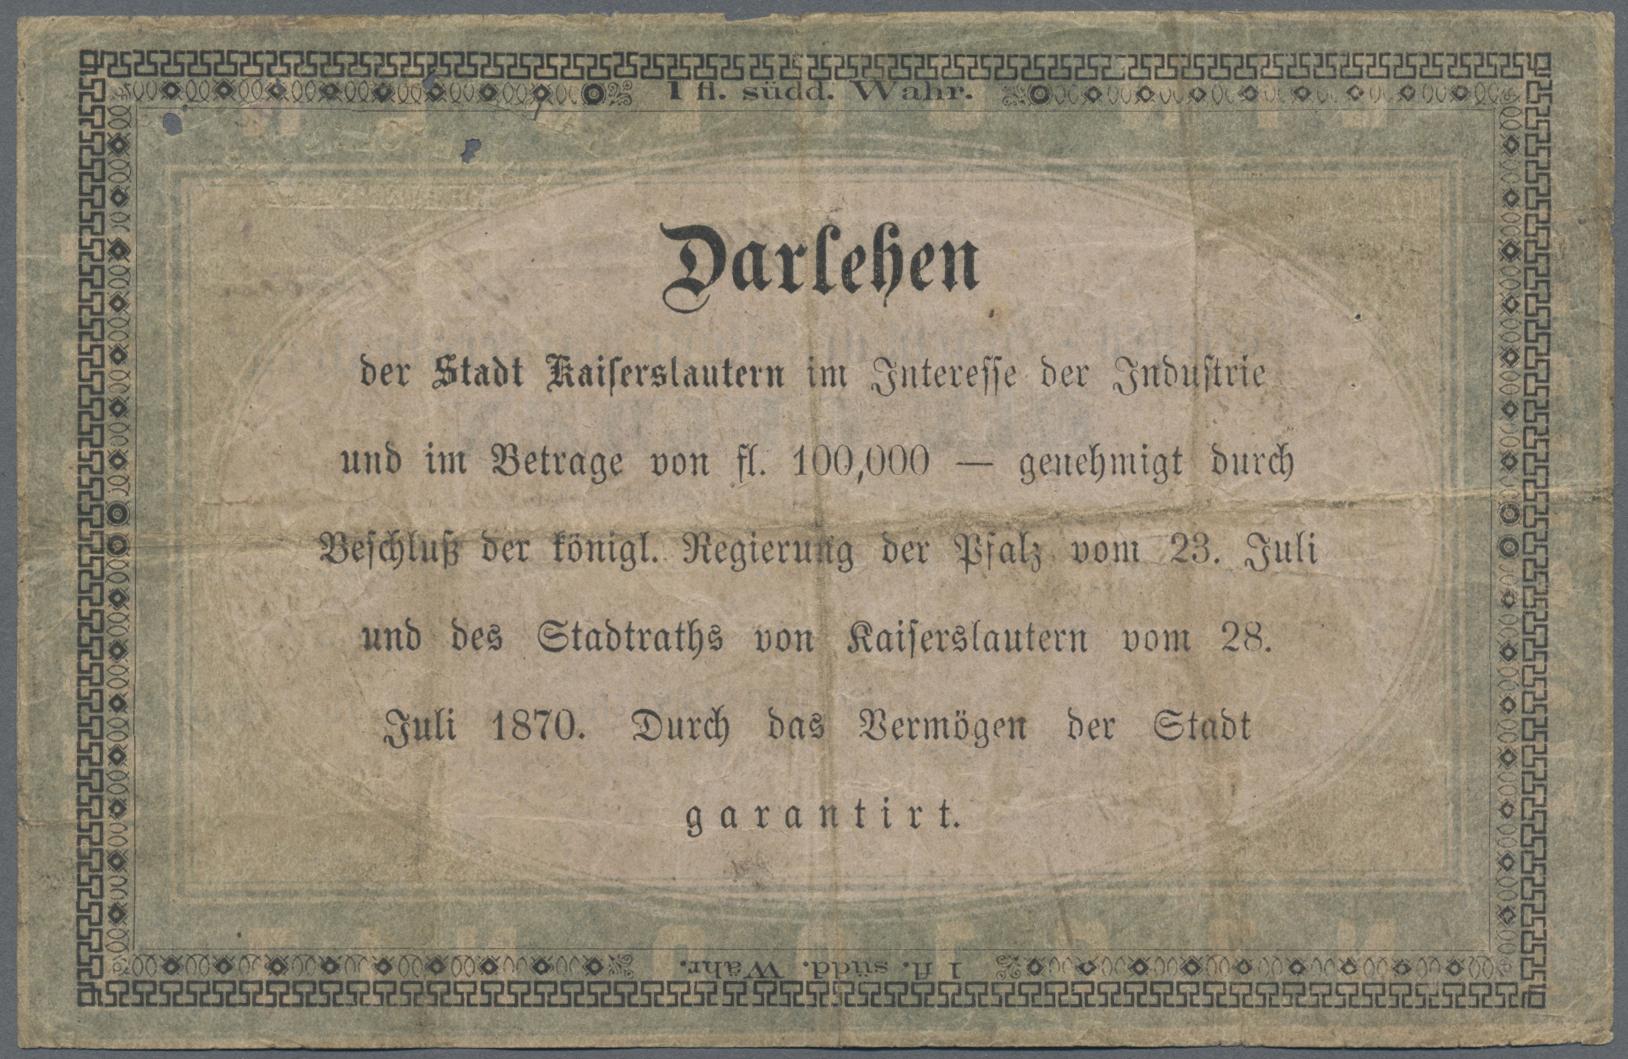 Lot 03312 - Deutschland - Altdeutsche Staaten | Banknoten  -  Auktionshaus Christoph Gärtner GmbH & Co. KG Sale #45 Banknotes Germany/Numismatics